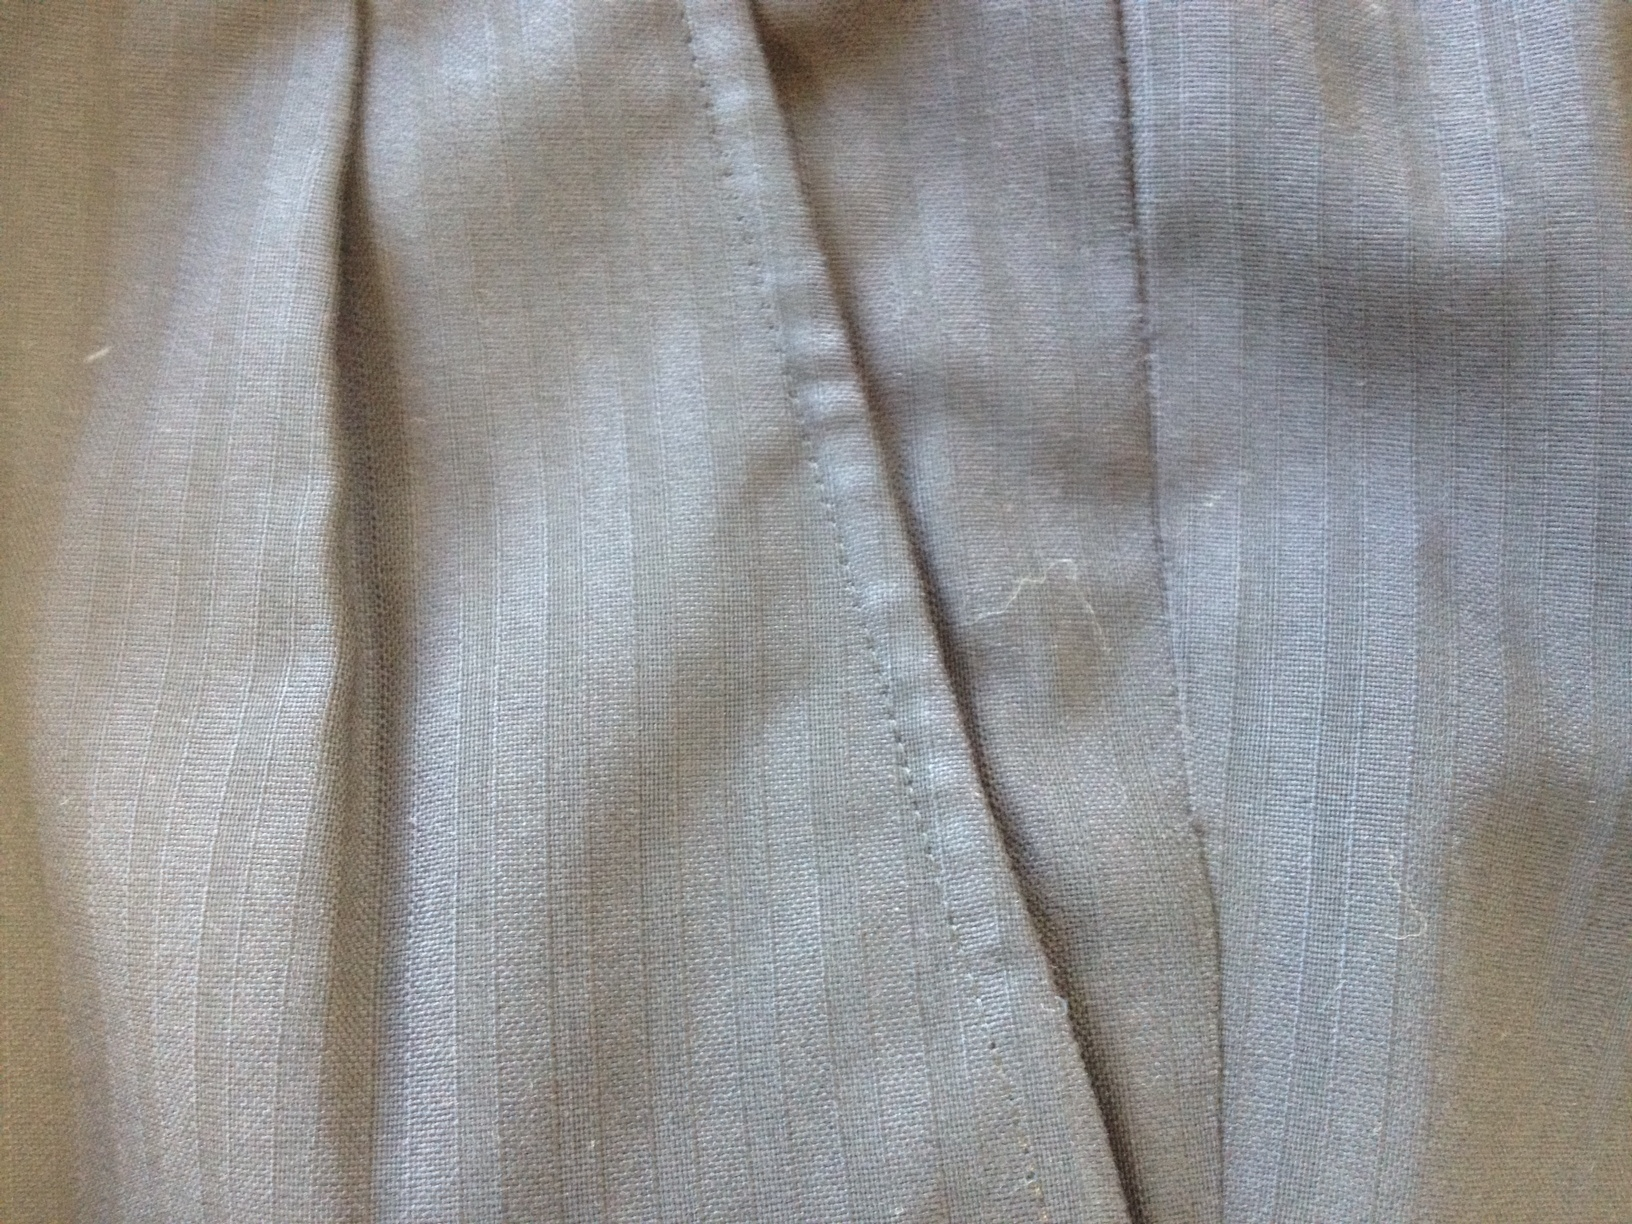 スーツ脇(前)ポケットの擦れ直しafter